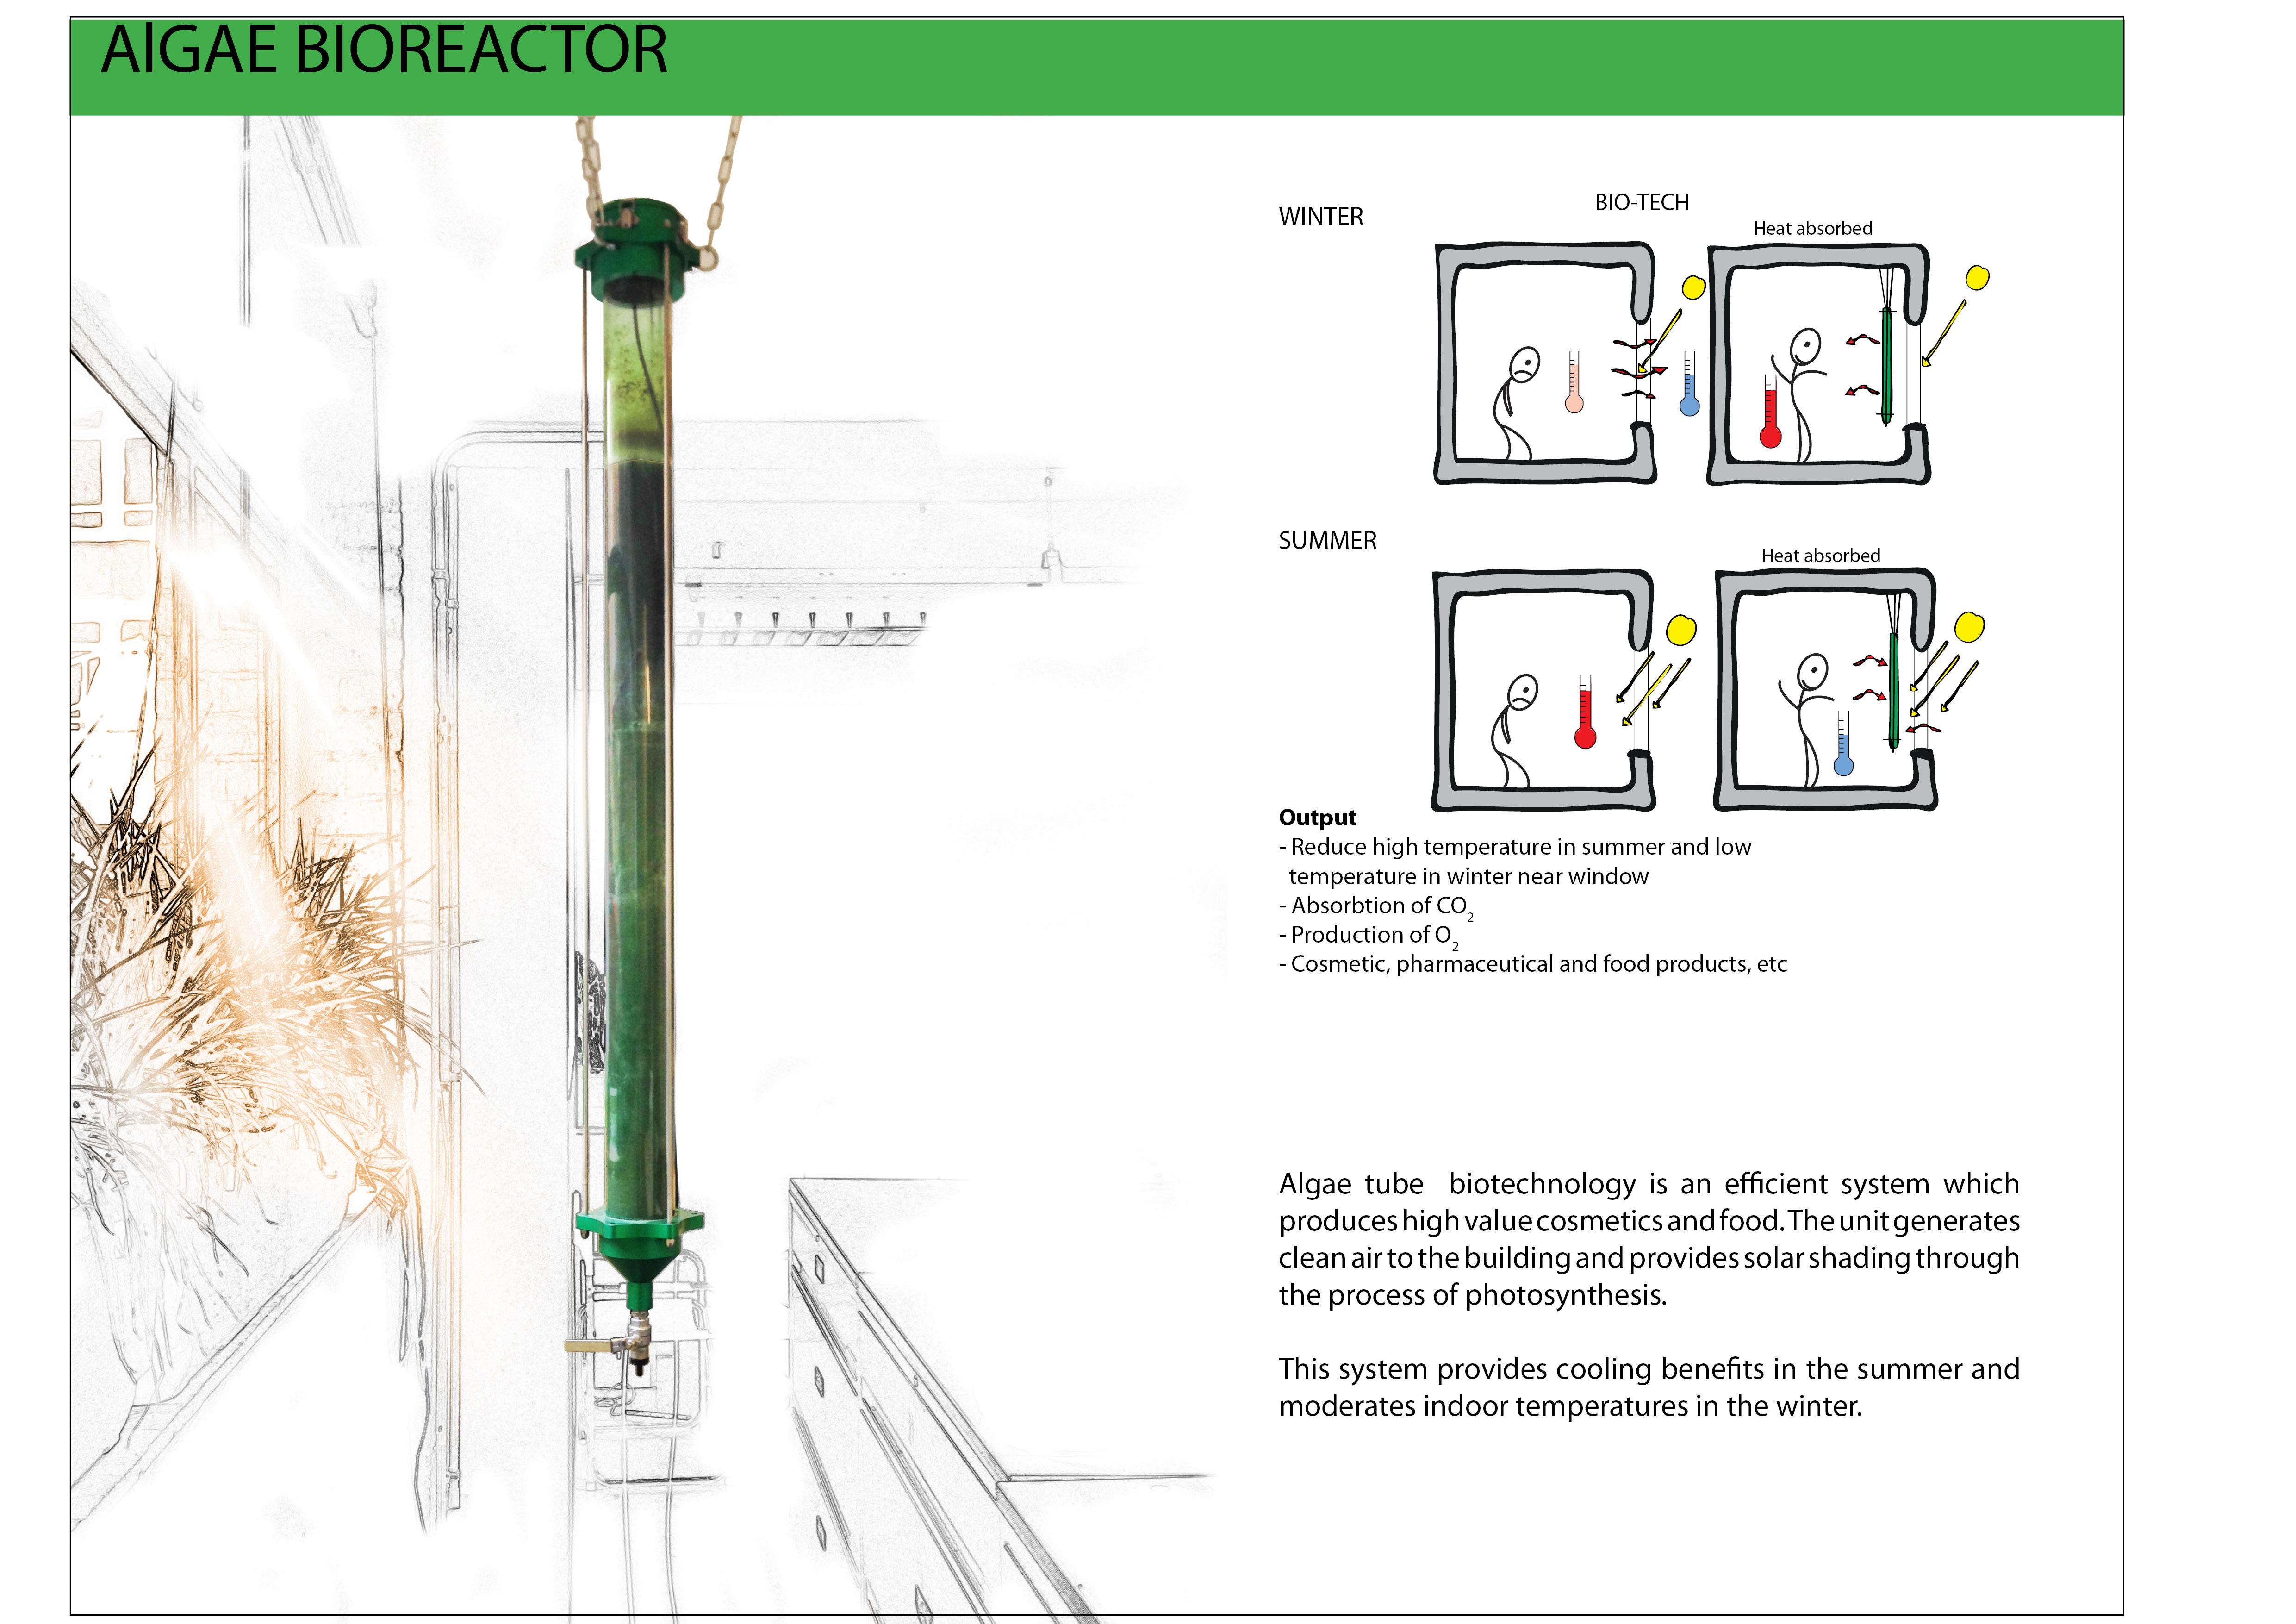 Product Profile: Algae Bioreactor